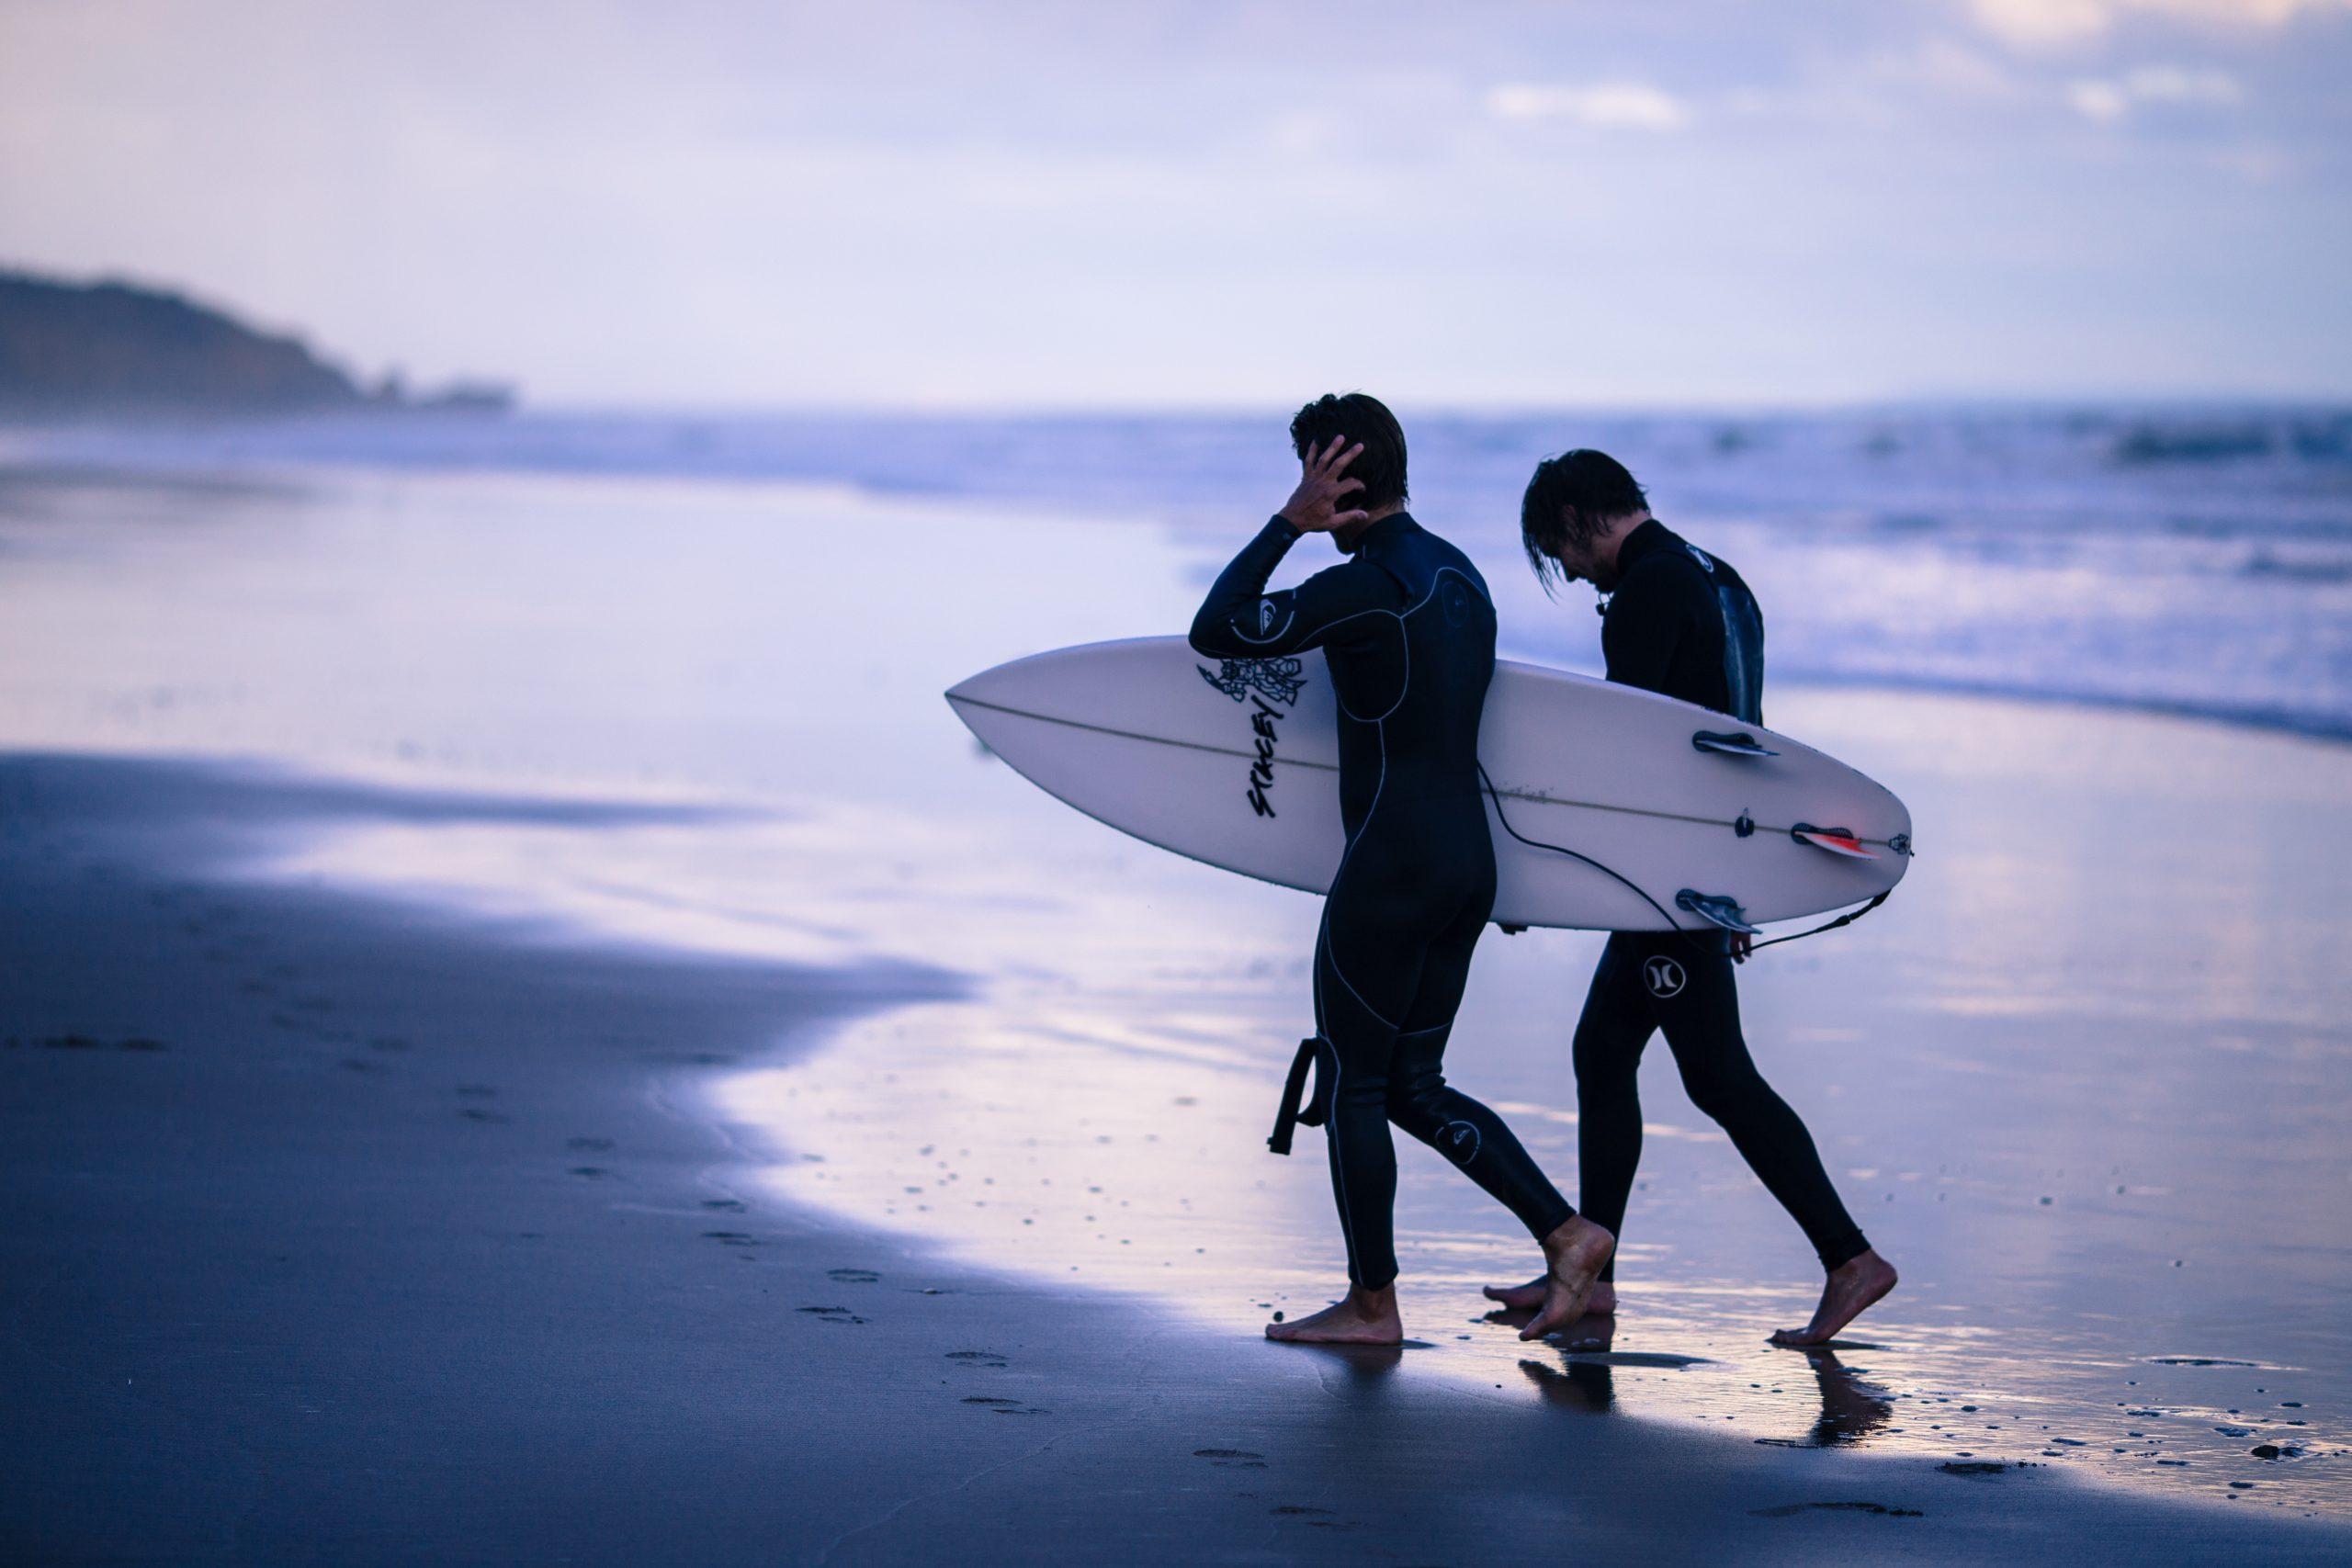 Surfer Perfume Odore Mio